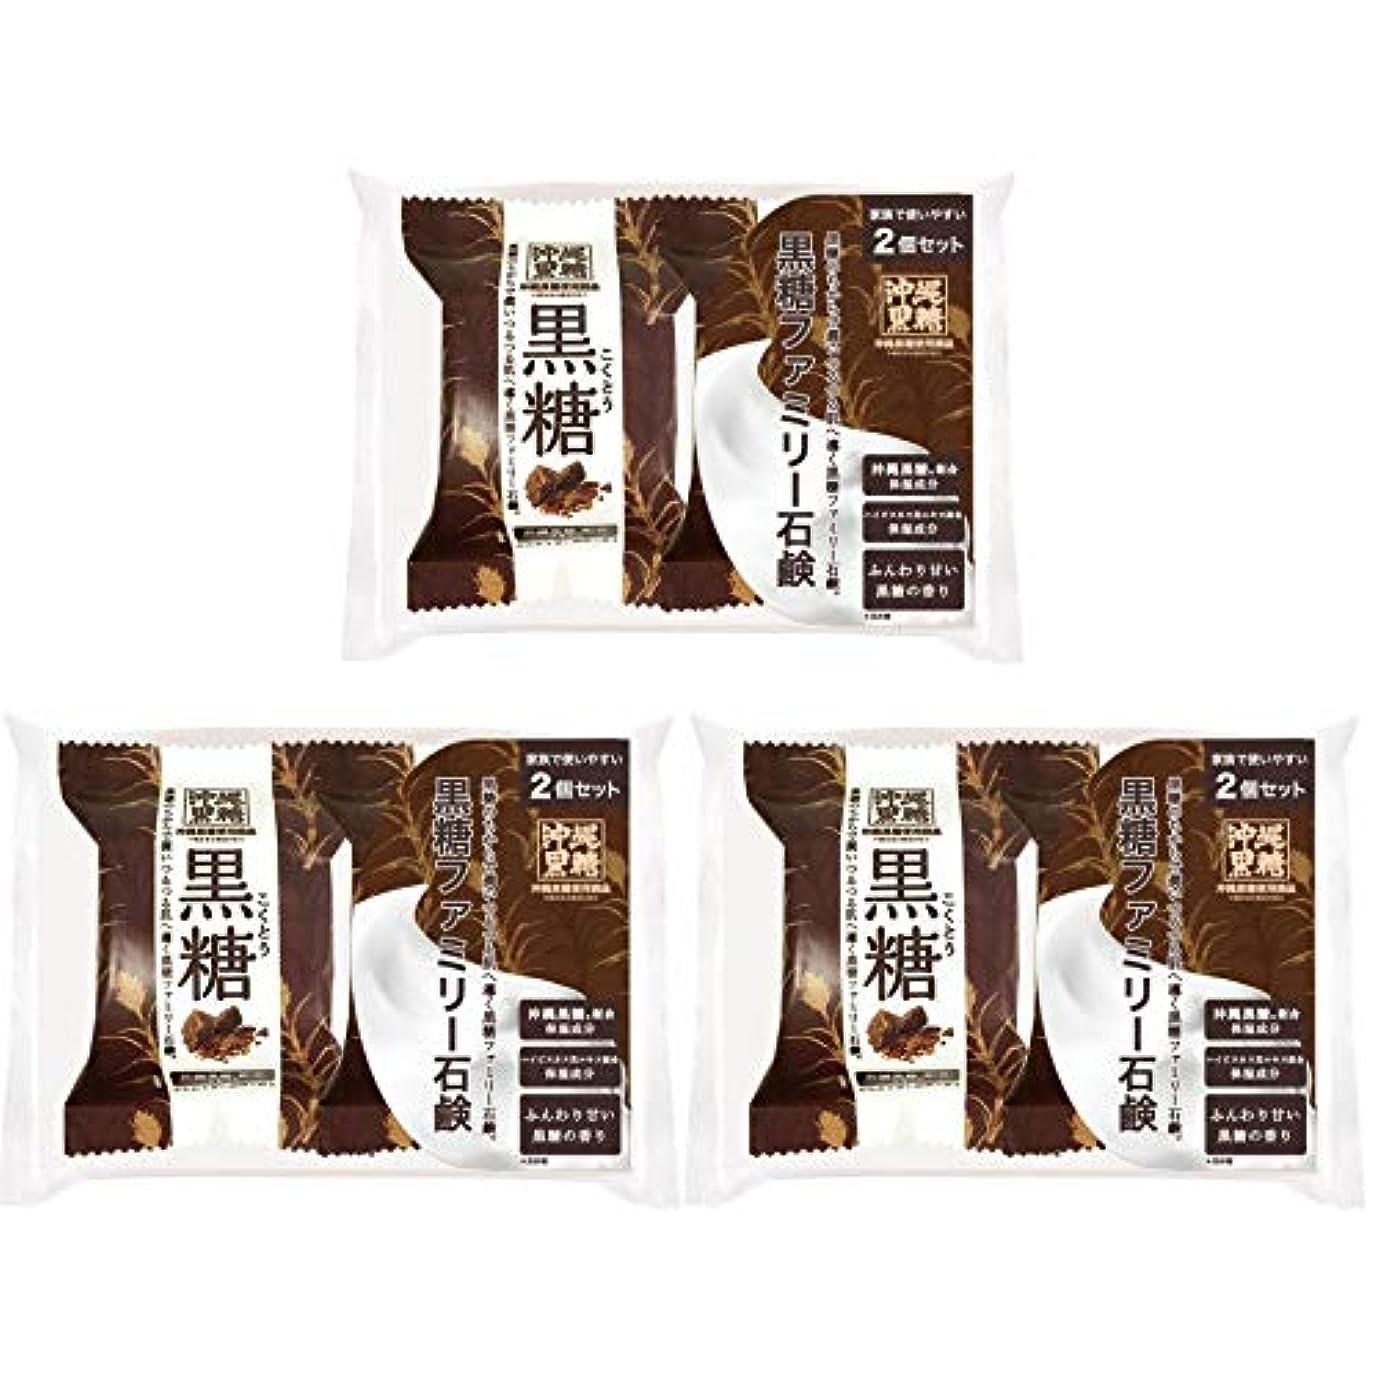 香り通常チーフ【3個セット】ペリカン石鹸 ファミリー黒糖石鹸 80g×2個